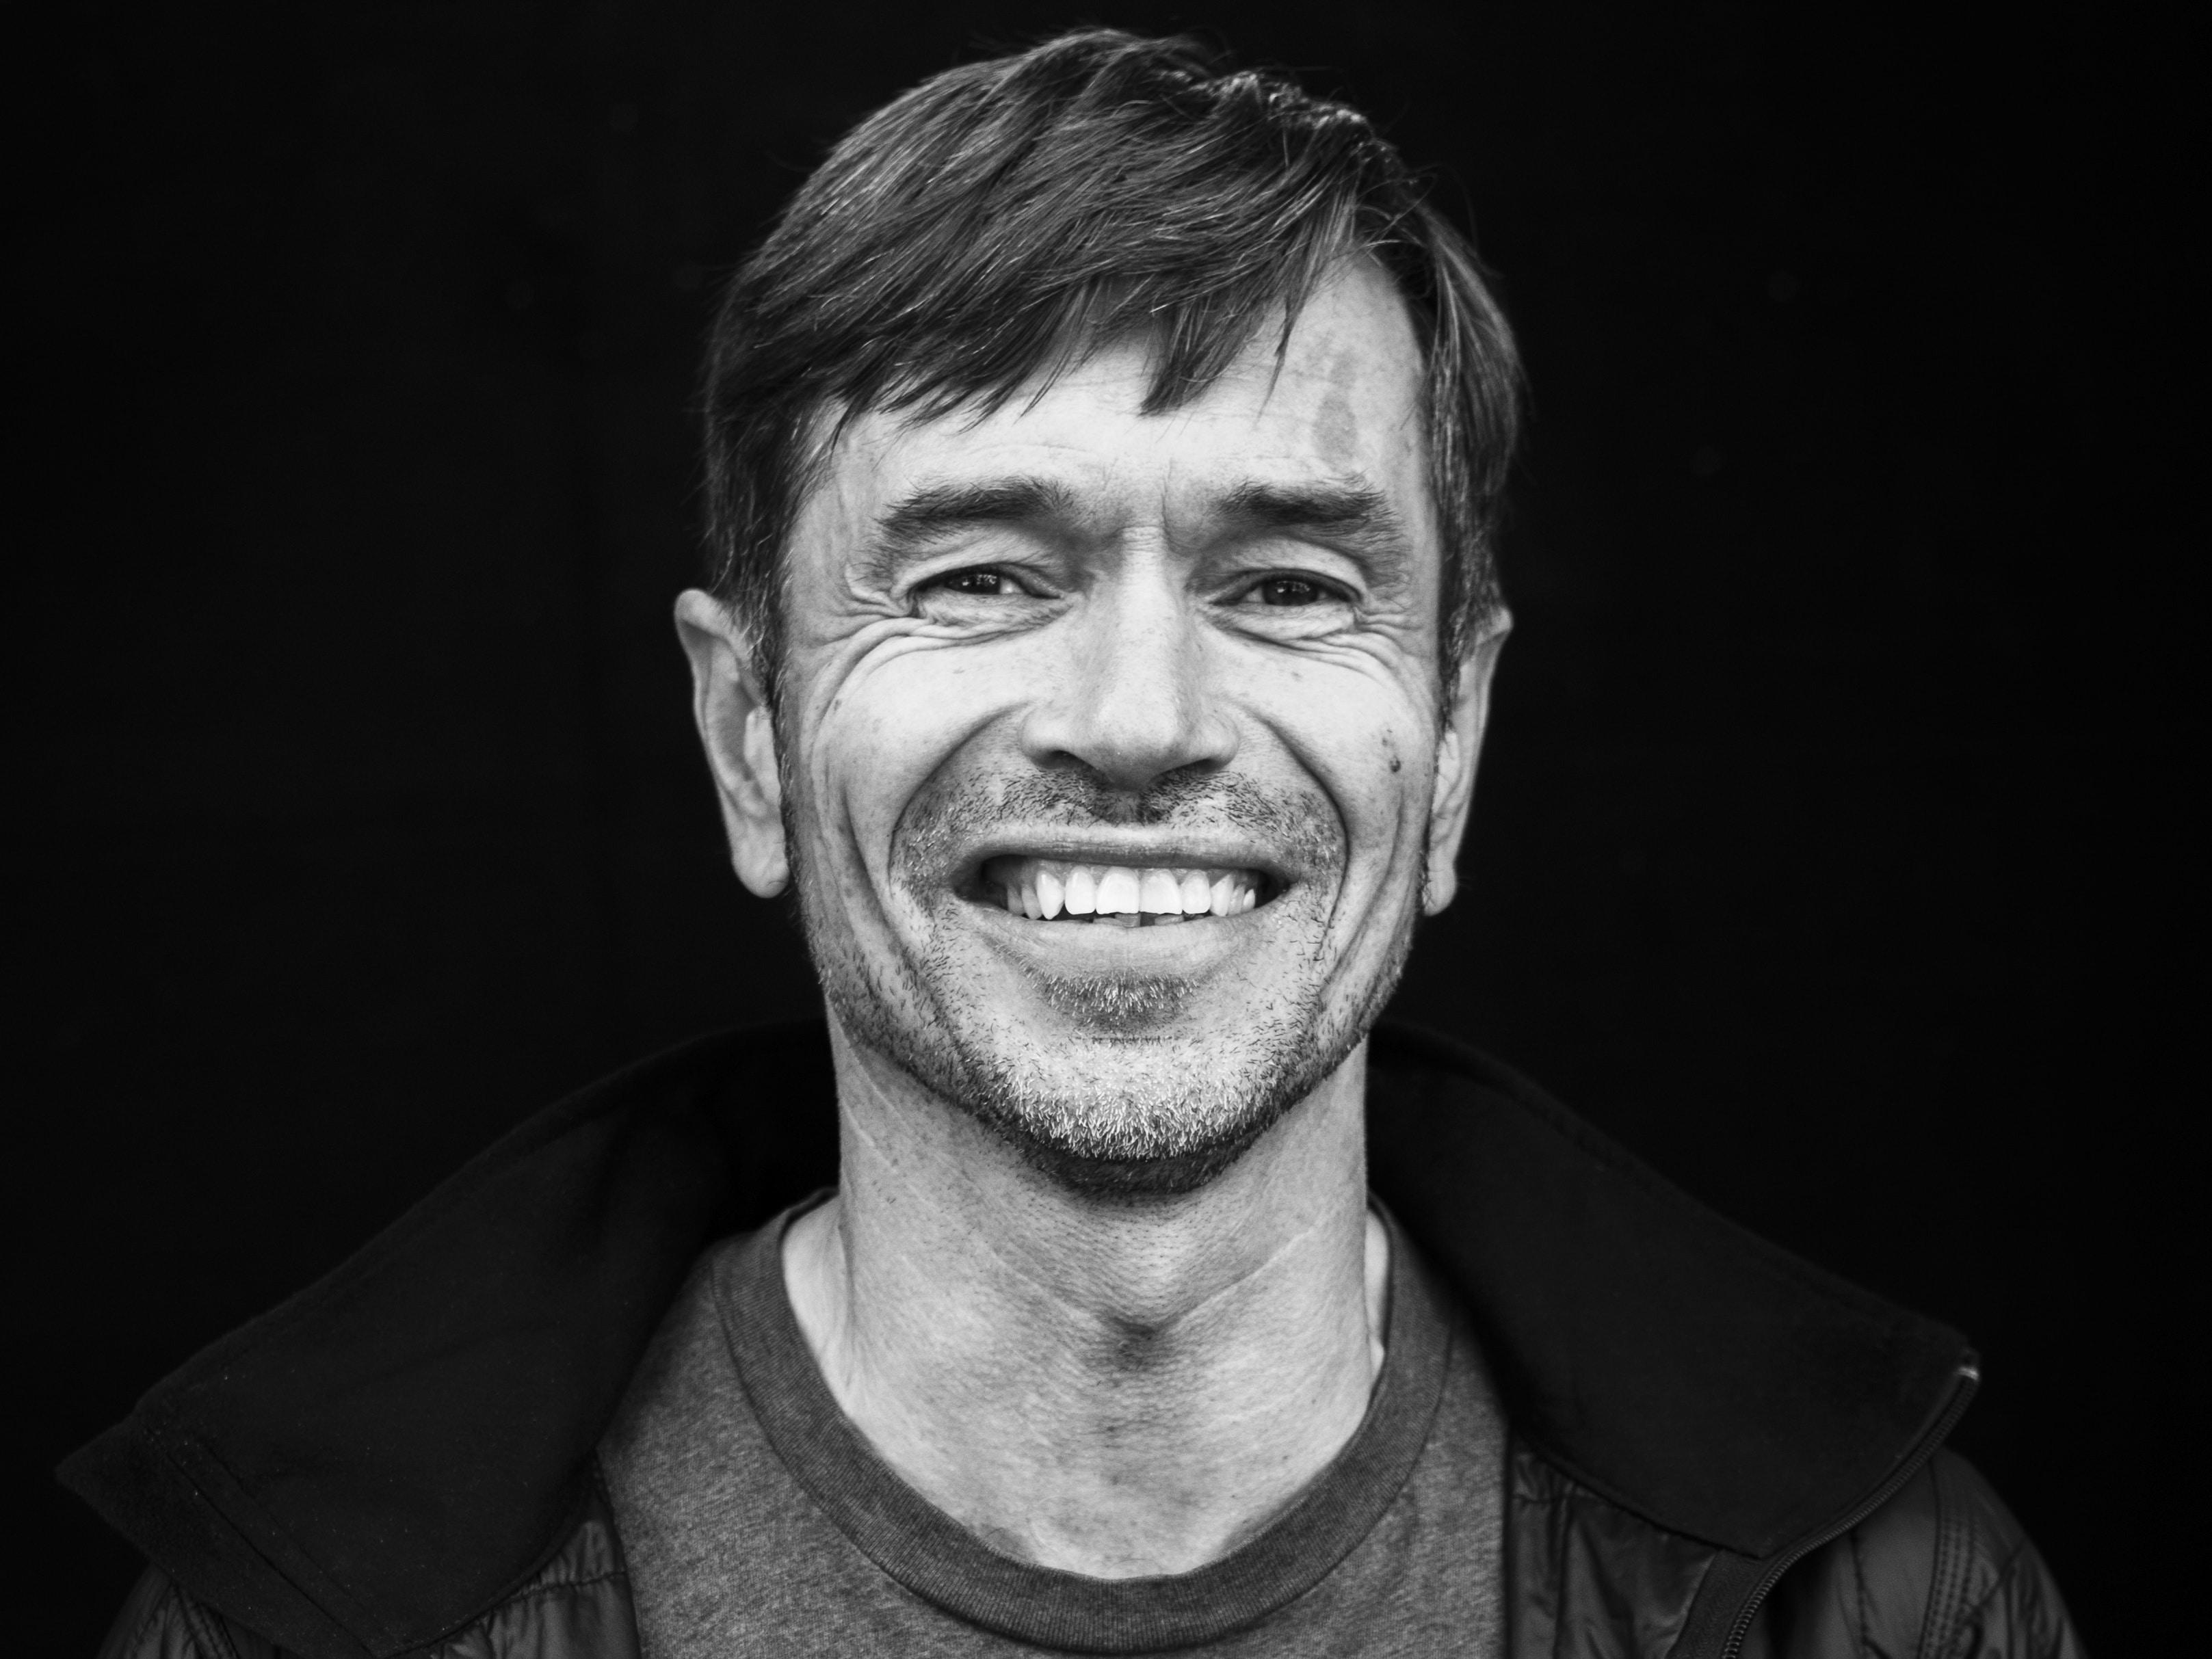 Sosiolog, forfatter, tidligere prosjektleder i Norsk Form, amanuensis på Lillehammer Høgskole og dosent ved Oslo Markedshøyskole